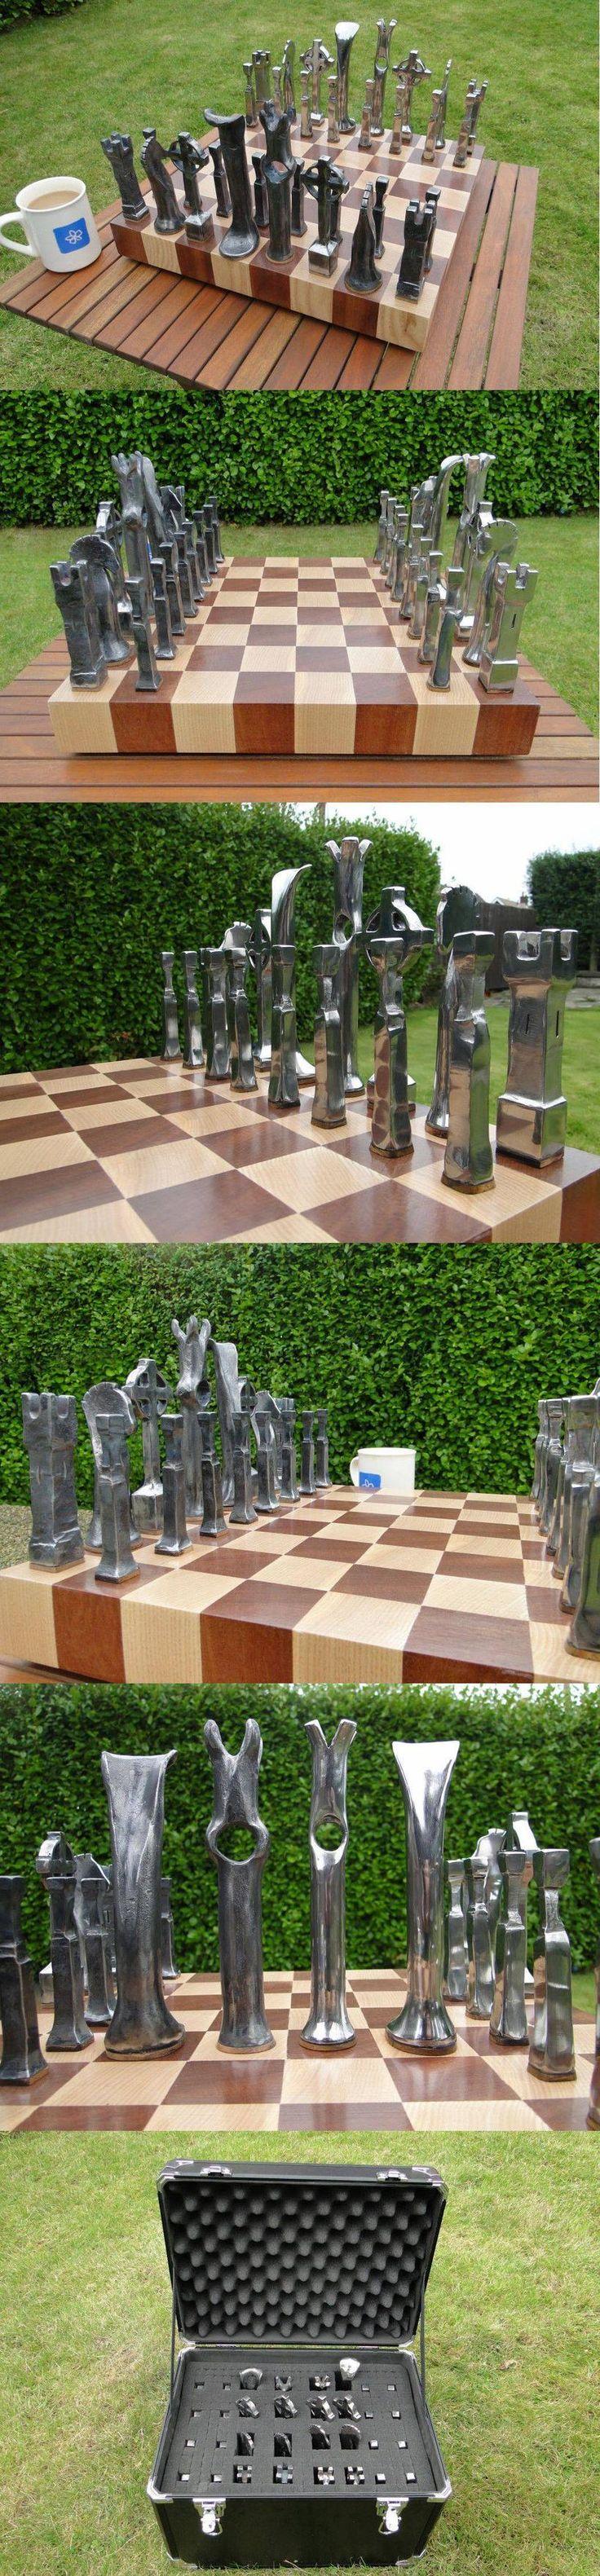 Concept for a chess set made by blacksmith www.travers.com